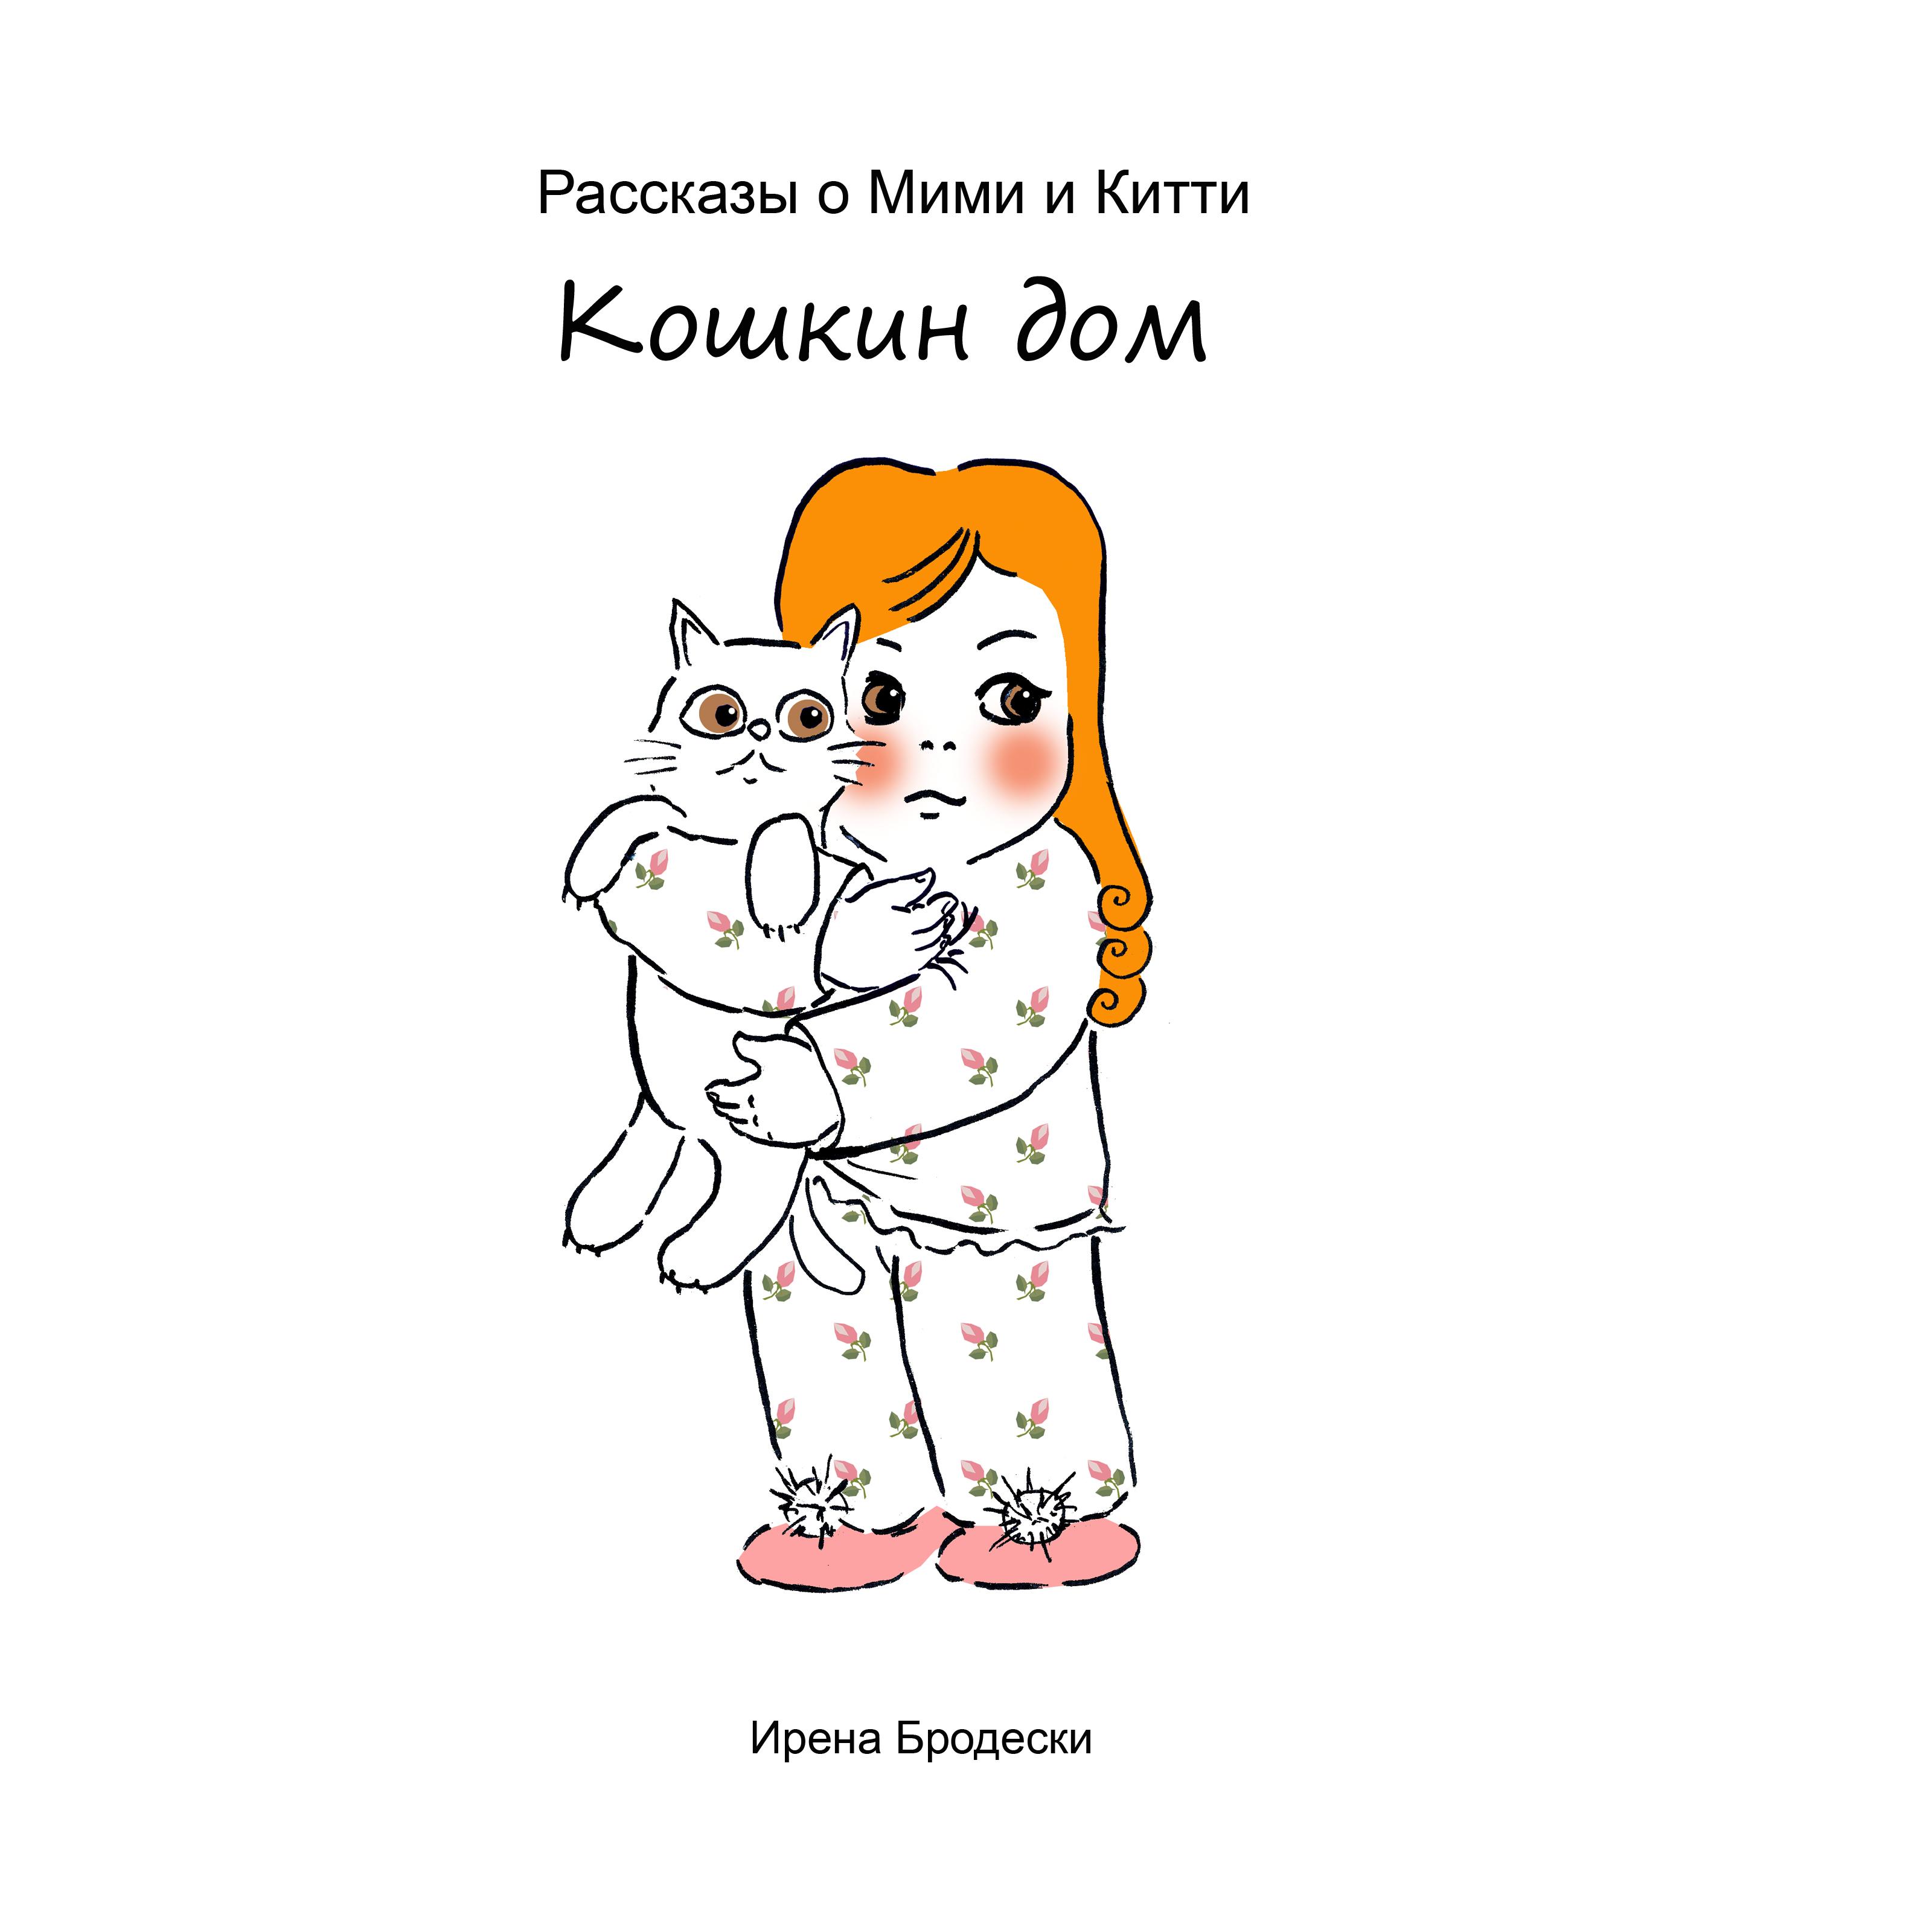 Мими&Китти – 3 – Кошкин Дом by Irena Brodeski - Illustrated by Irena Brodeski - Ourboox.com